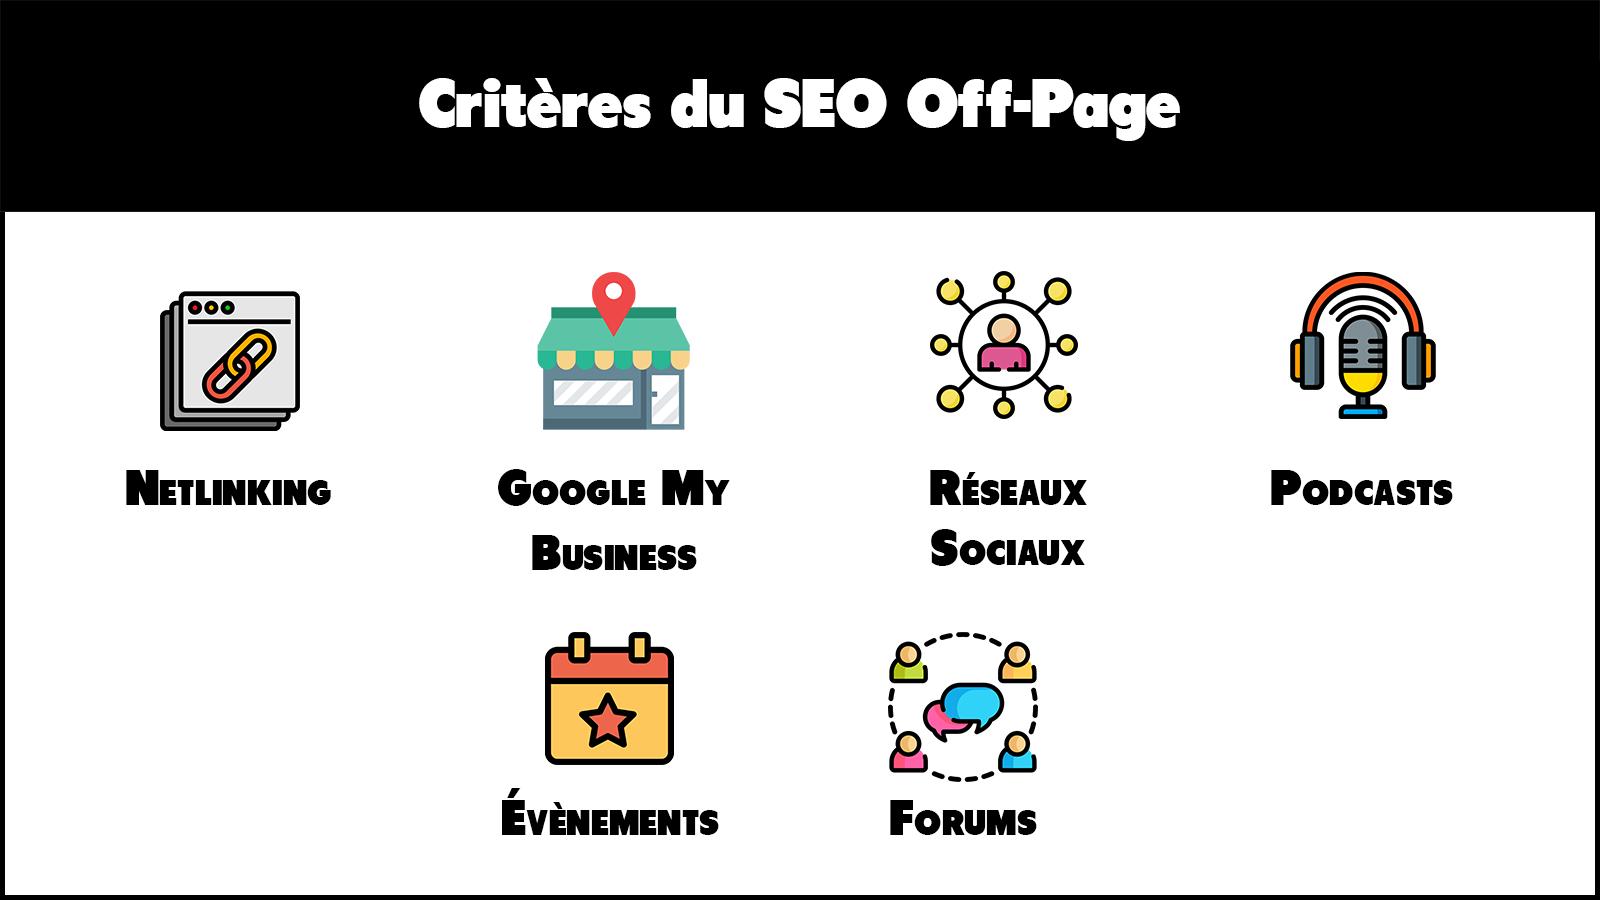 Critères du SEO Off-Page